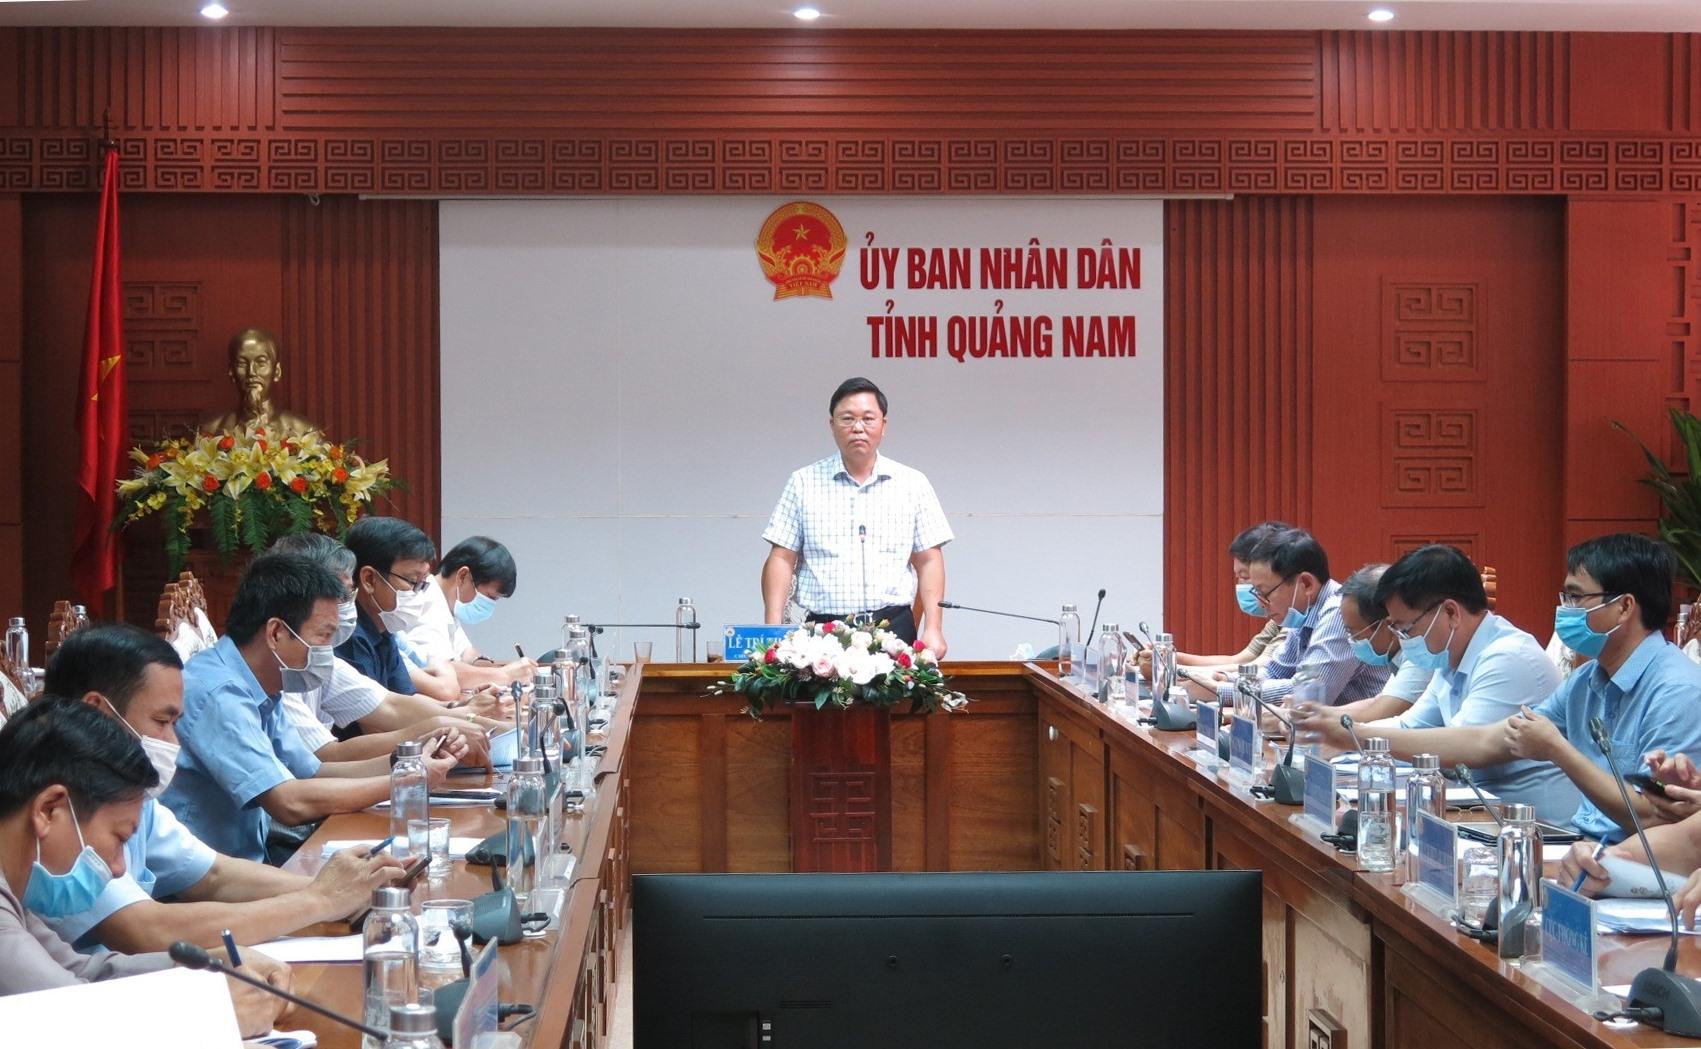 Chủ tịch UBND tỉnh Lê Trí Thanh chủ trì.